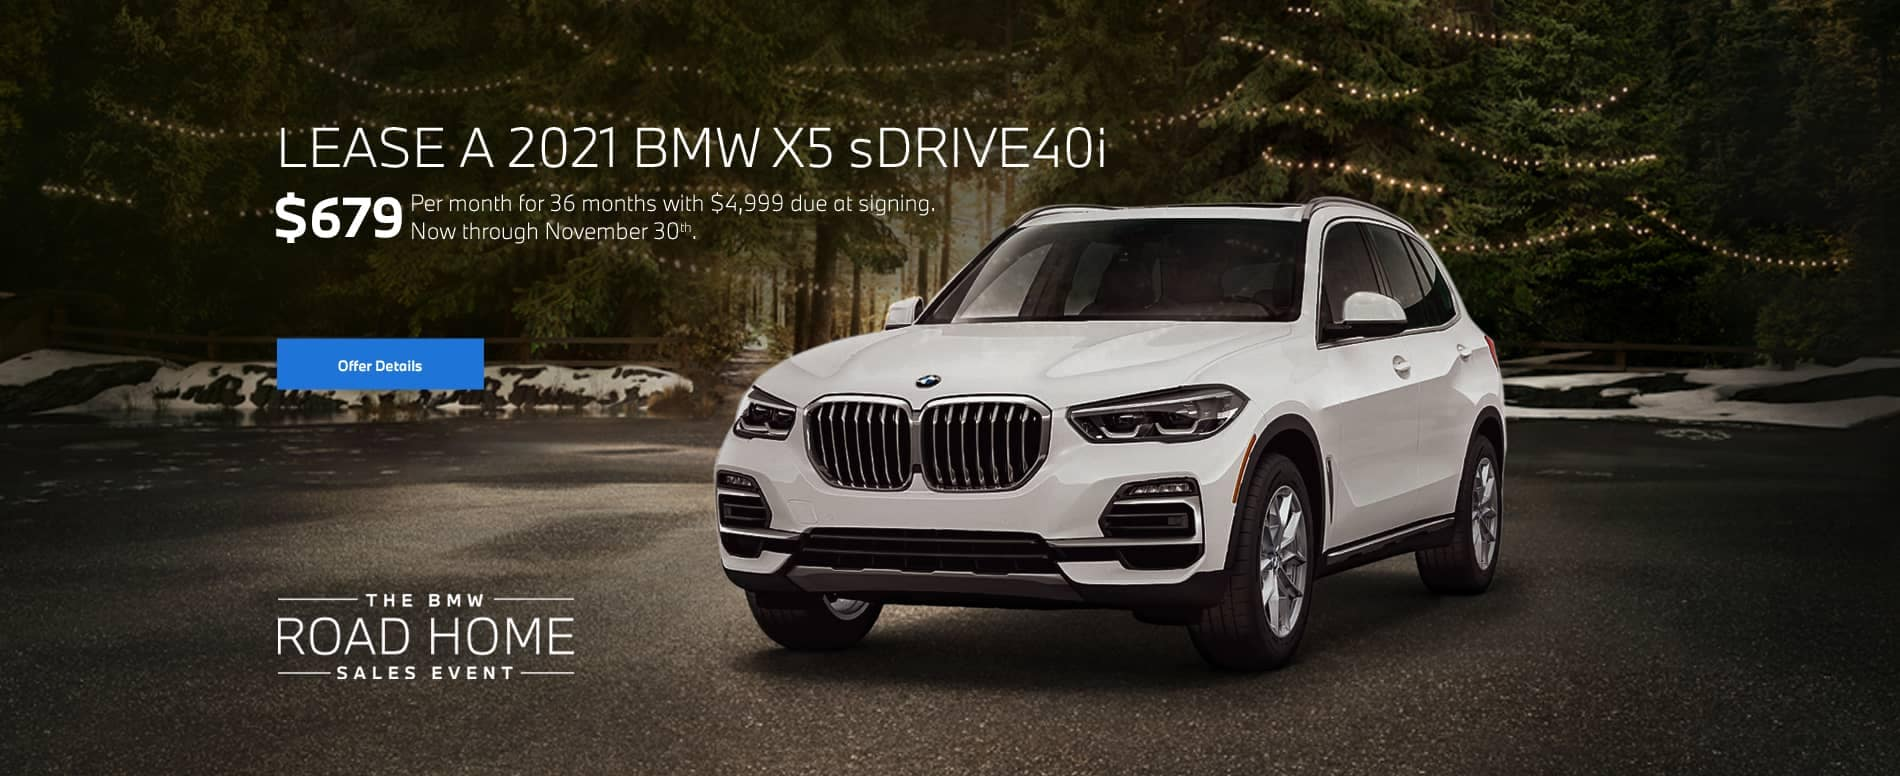 PUSH_BMW_2021_X5_sDrive40i_679_Desktop